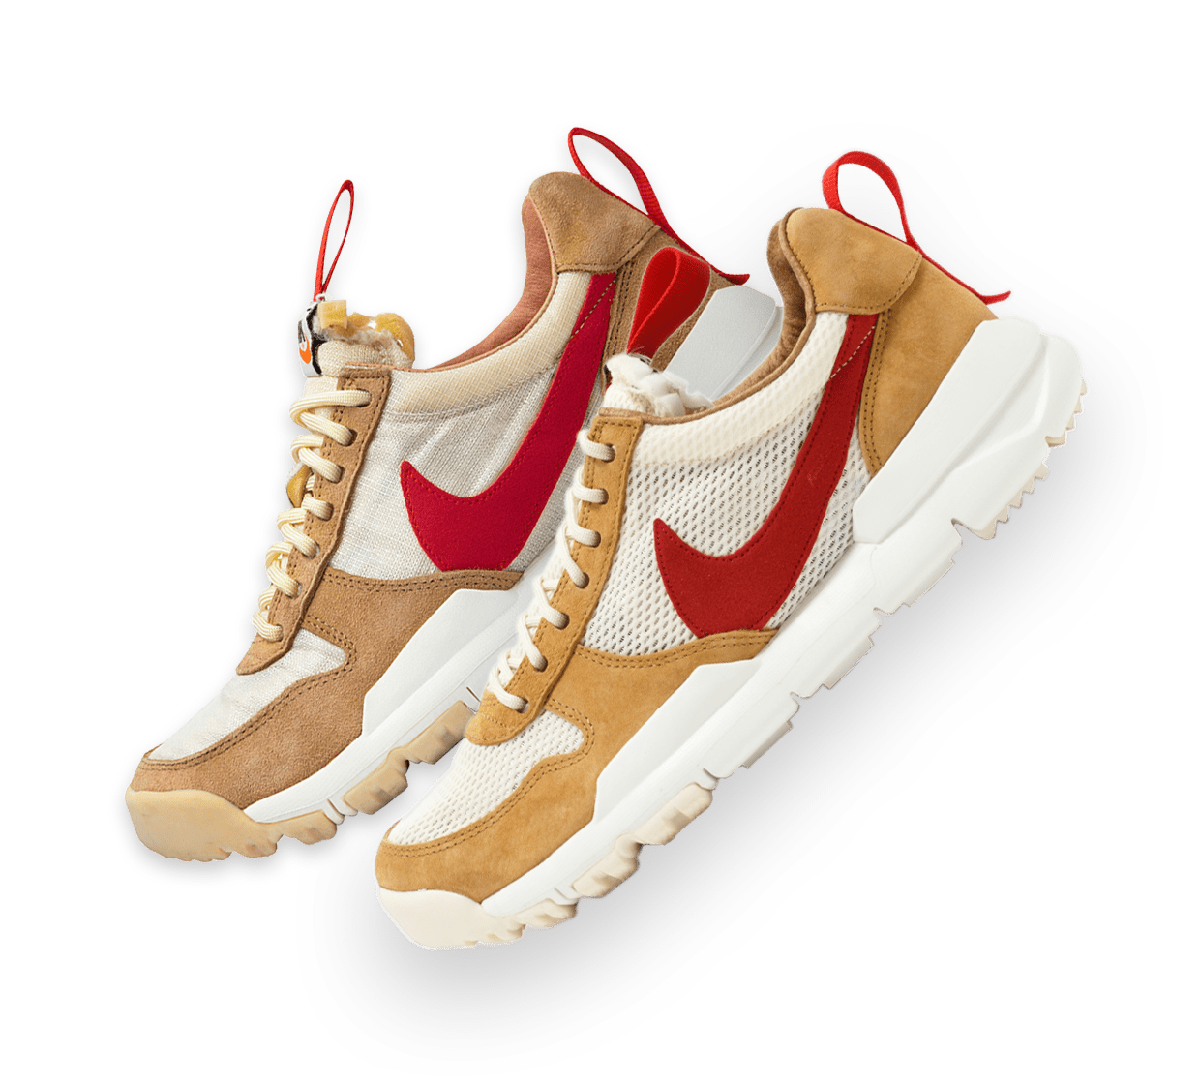 Nike Tom Sachs Collection Image